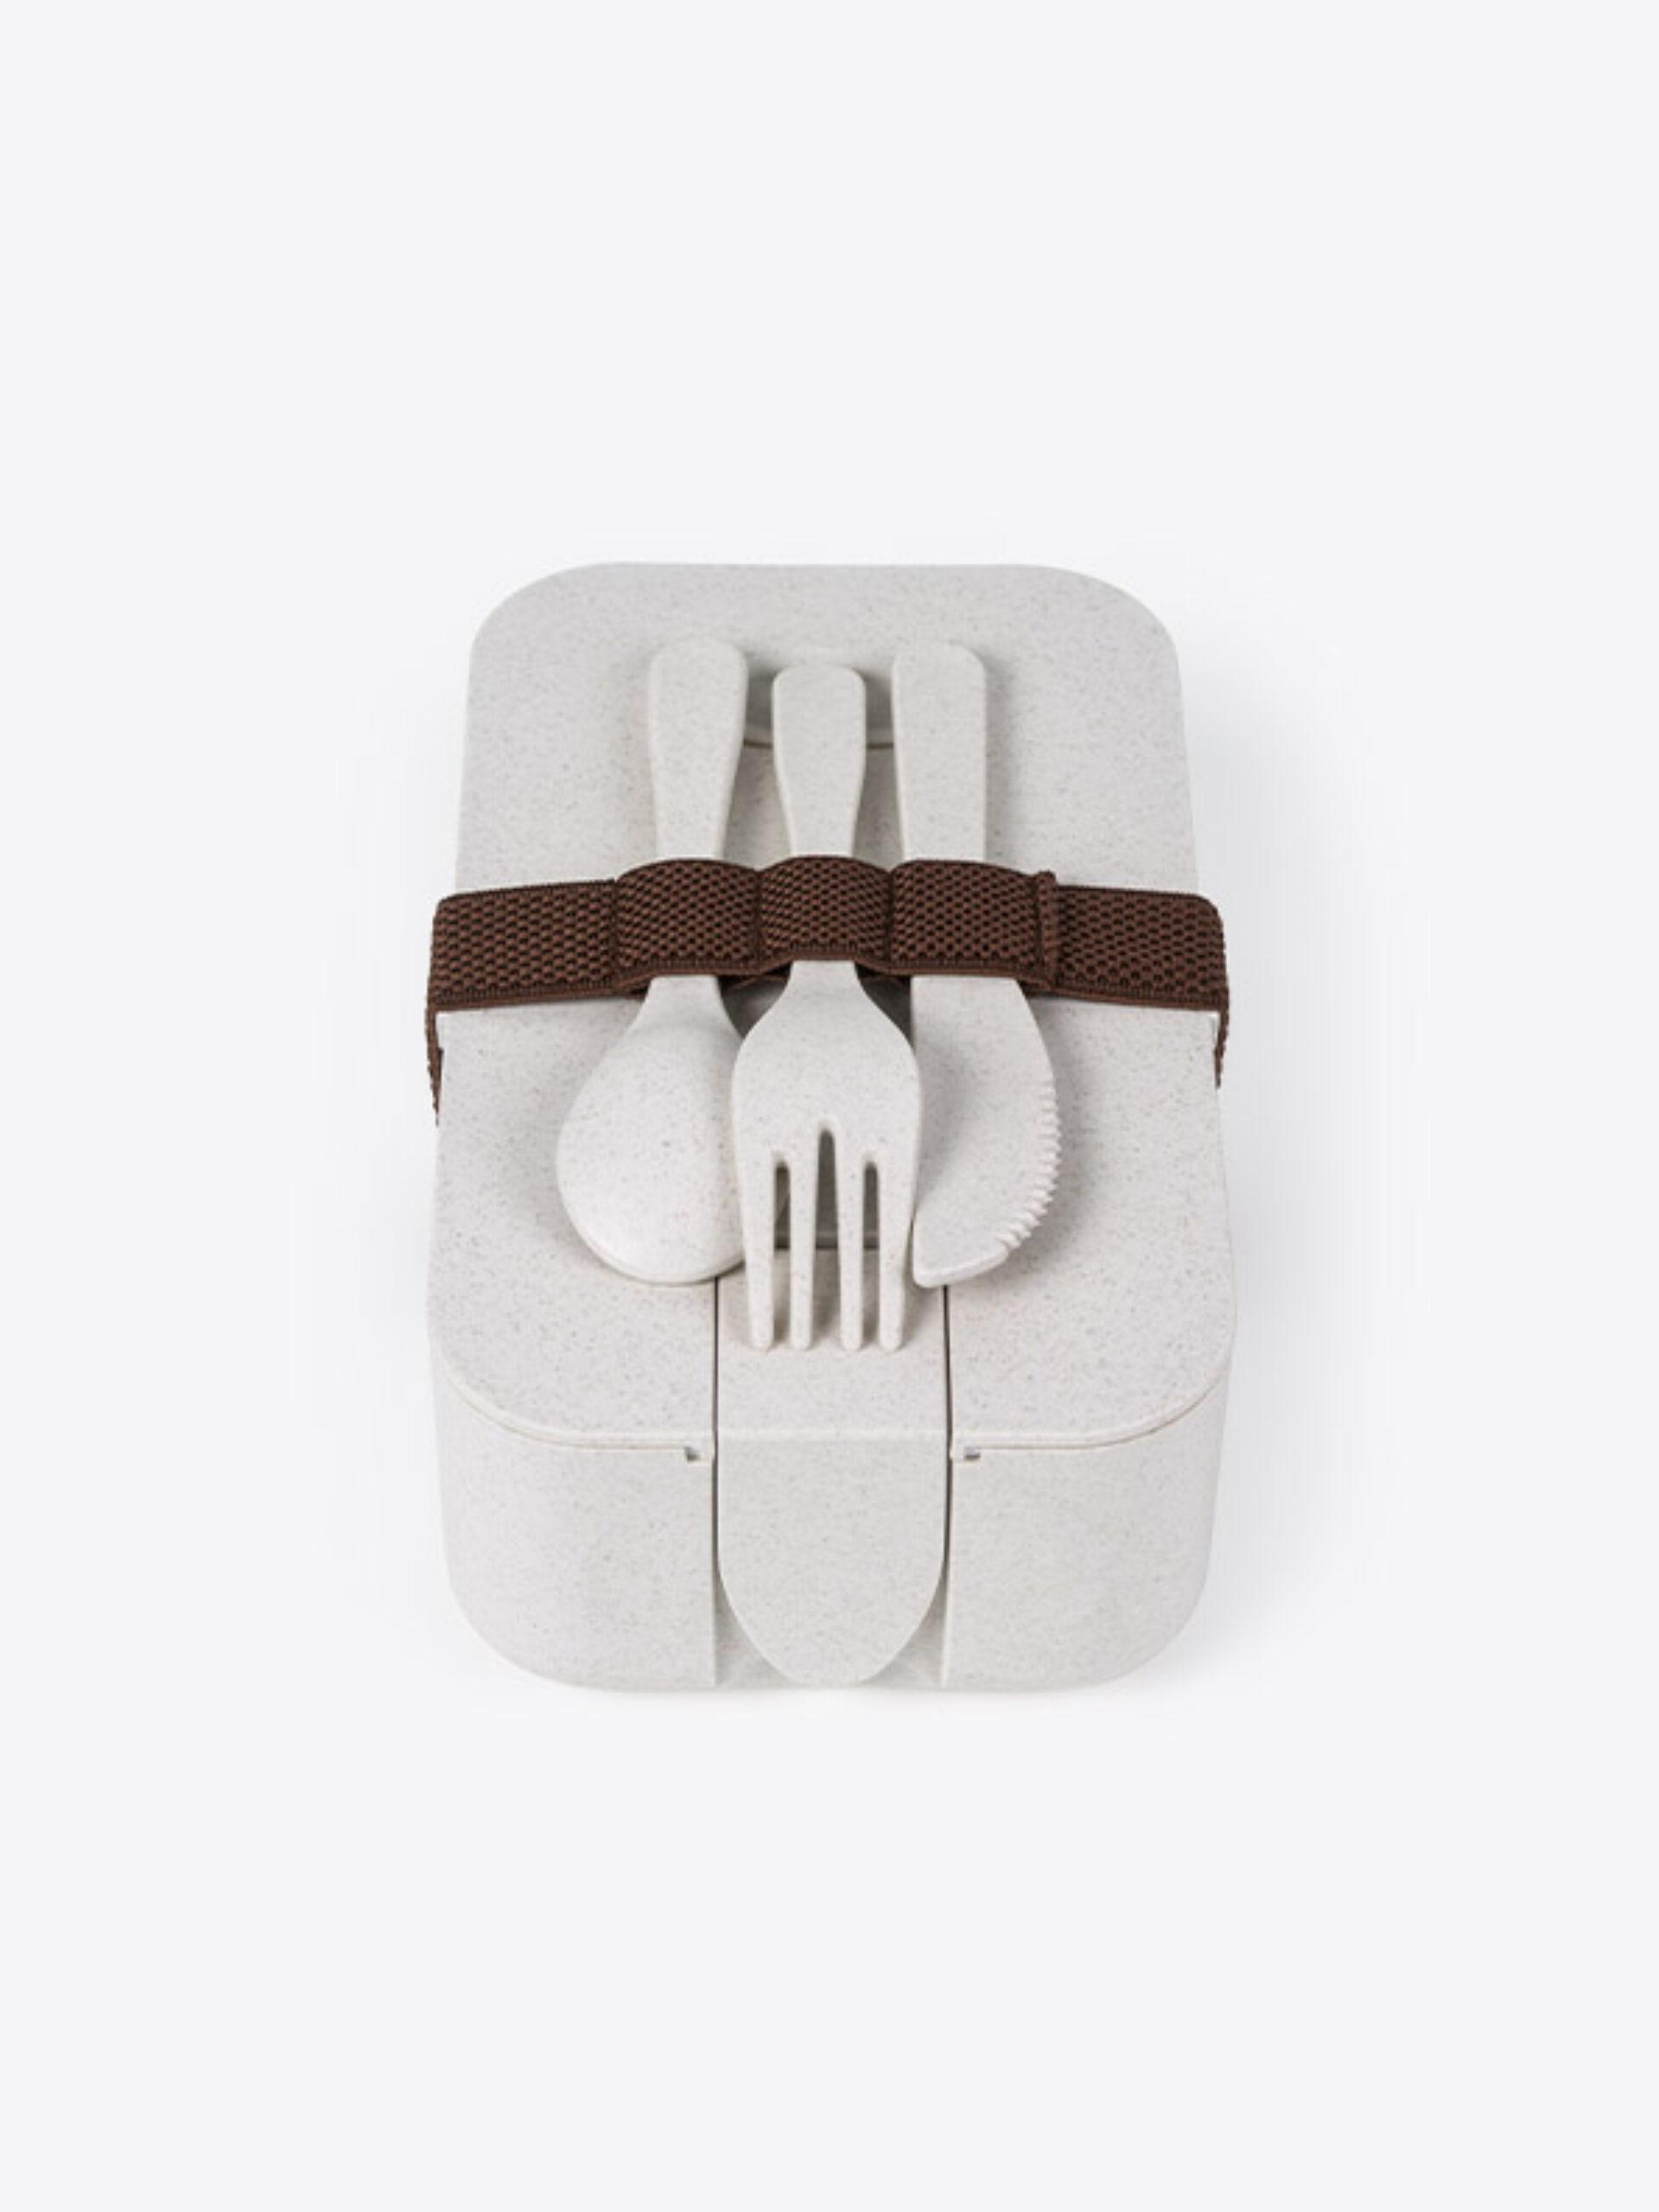 Lunch Box Eco Plus Mit Logo Bedrucken 3 Frontal Mit Besteck